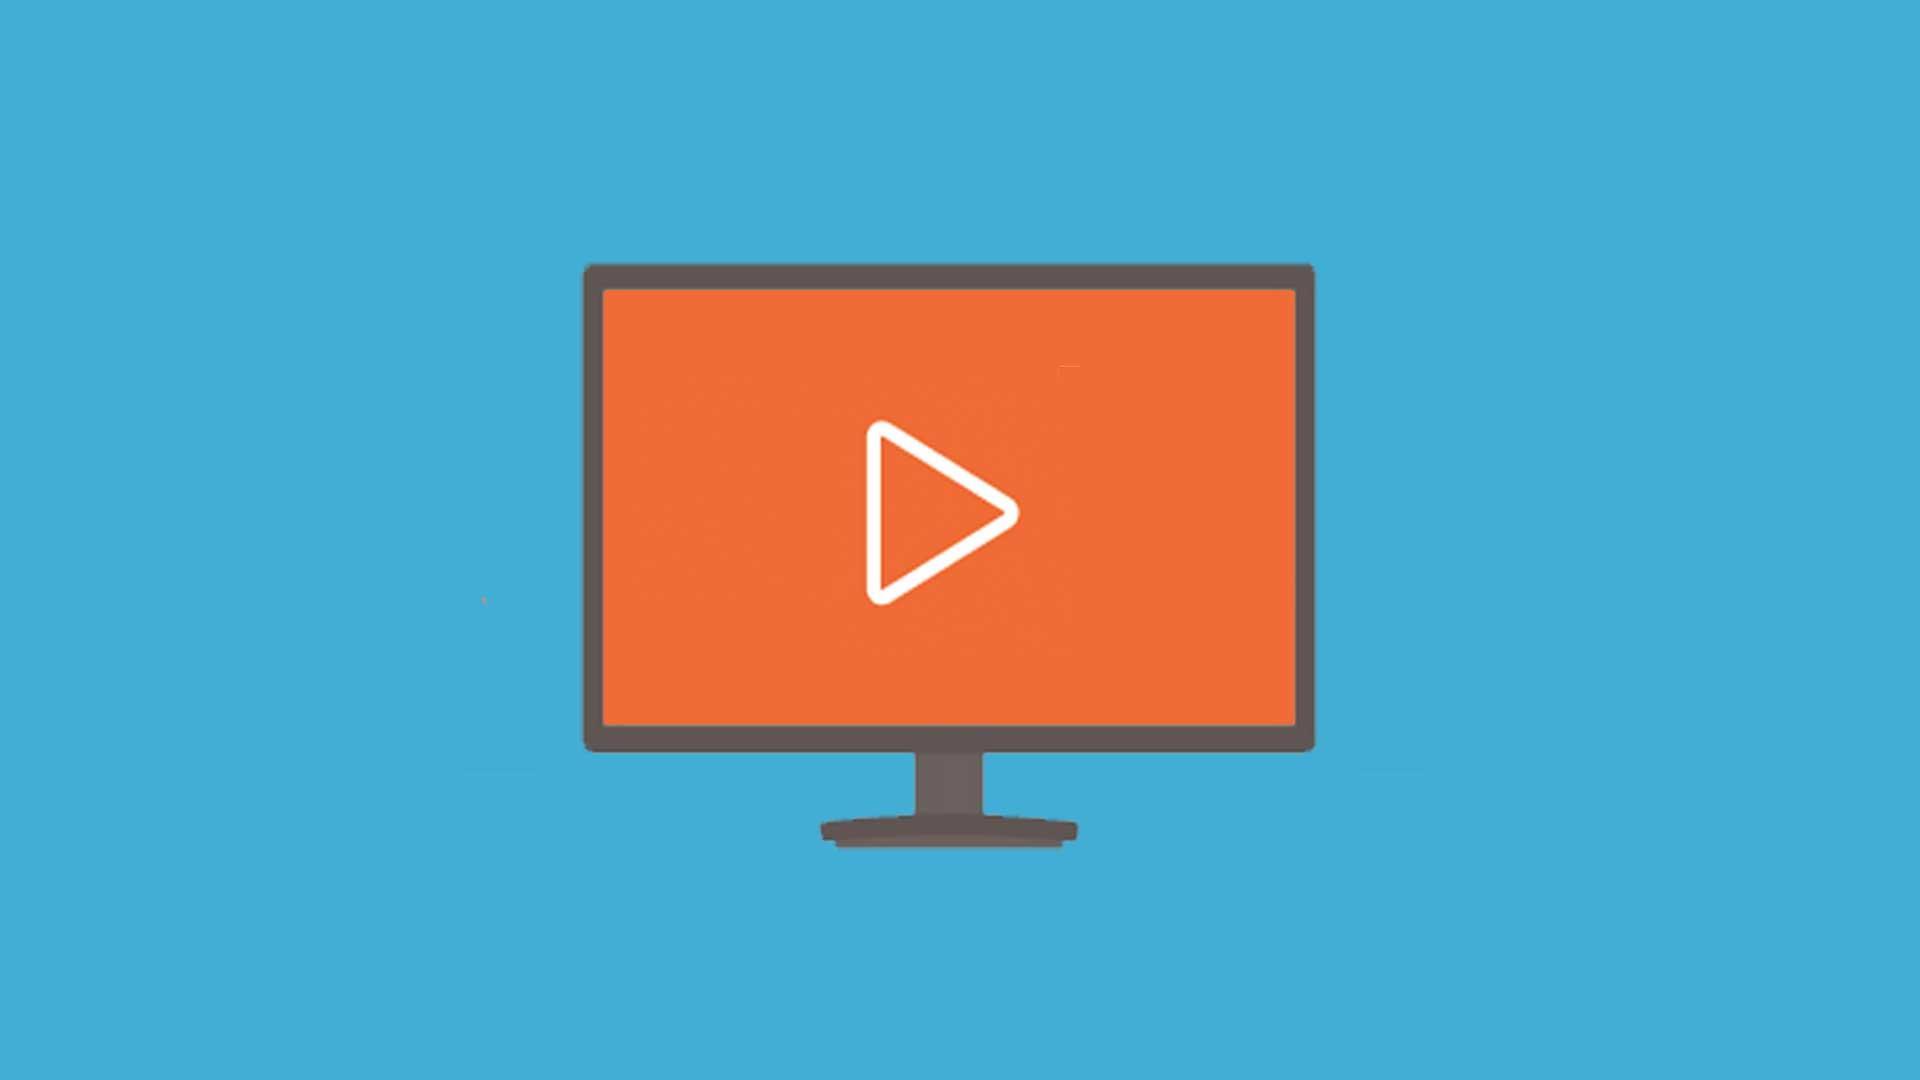 Veja a primeira aula do modulo Estilo Interativo com iD do curso WS HTML5!